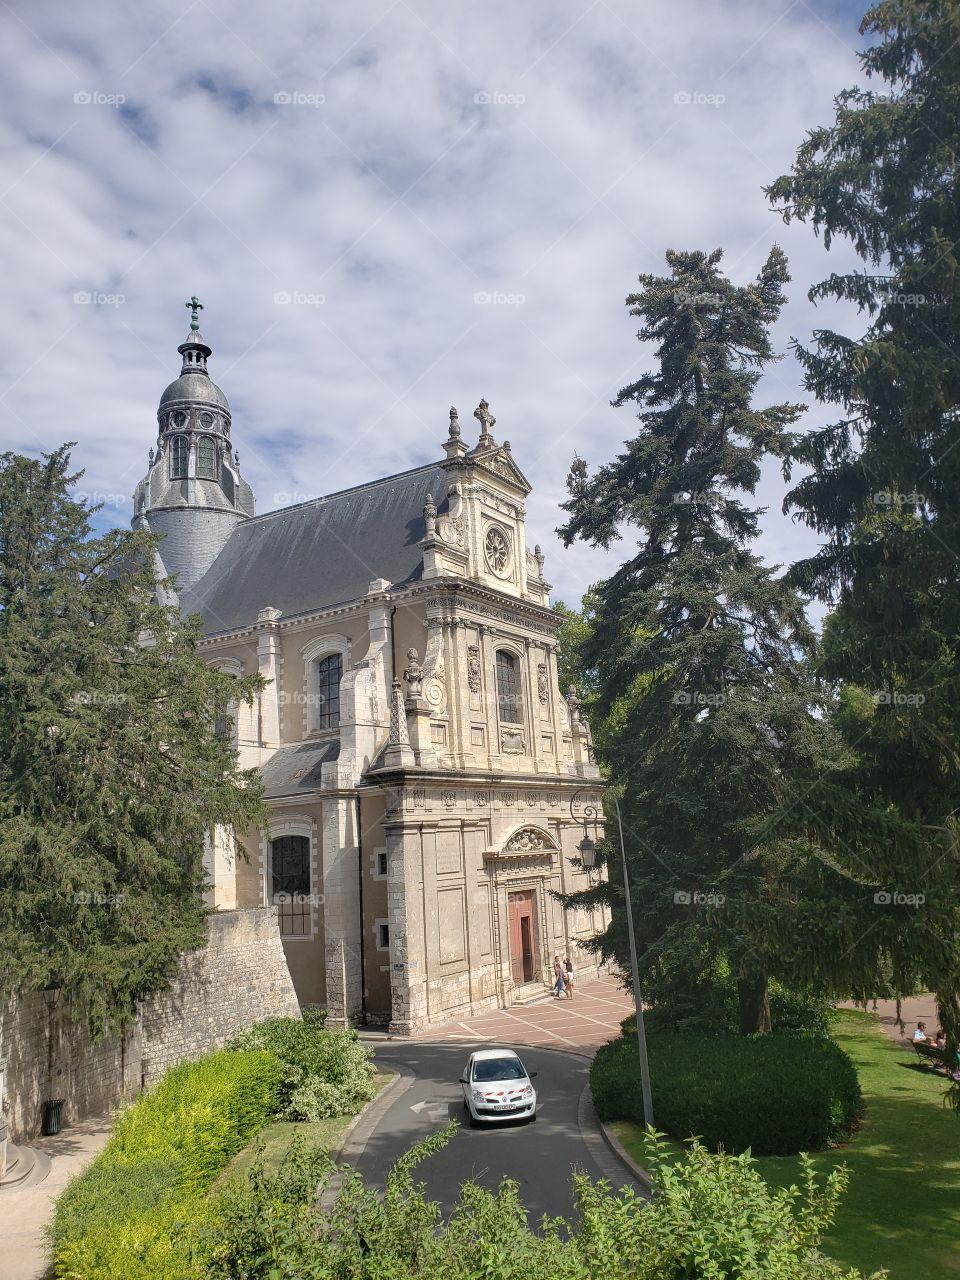 Blois nos regala bellas construcciones, hermosos cielos y deliciosa gastronomía